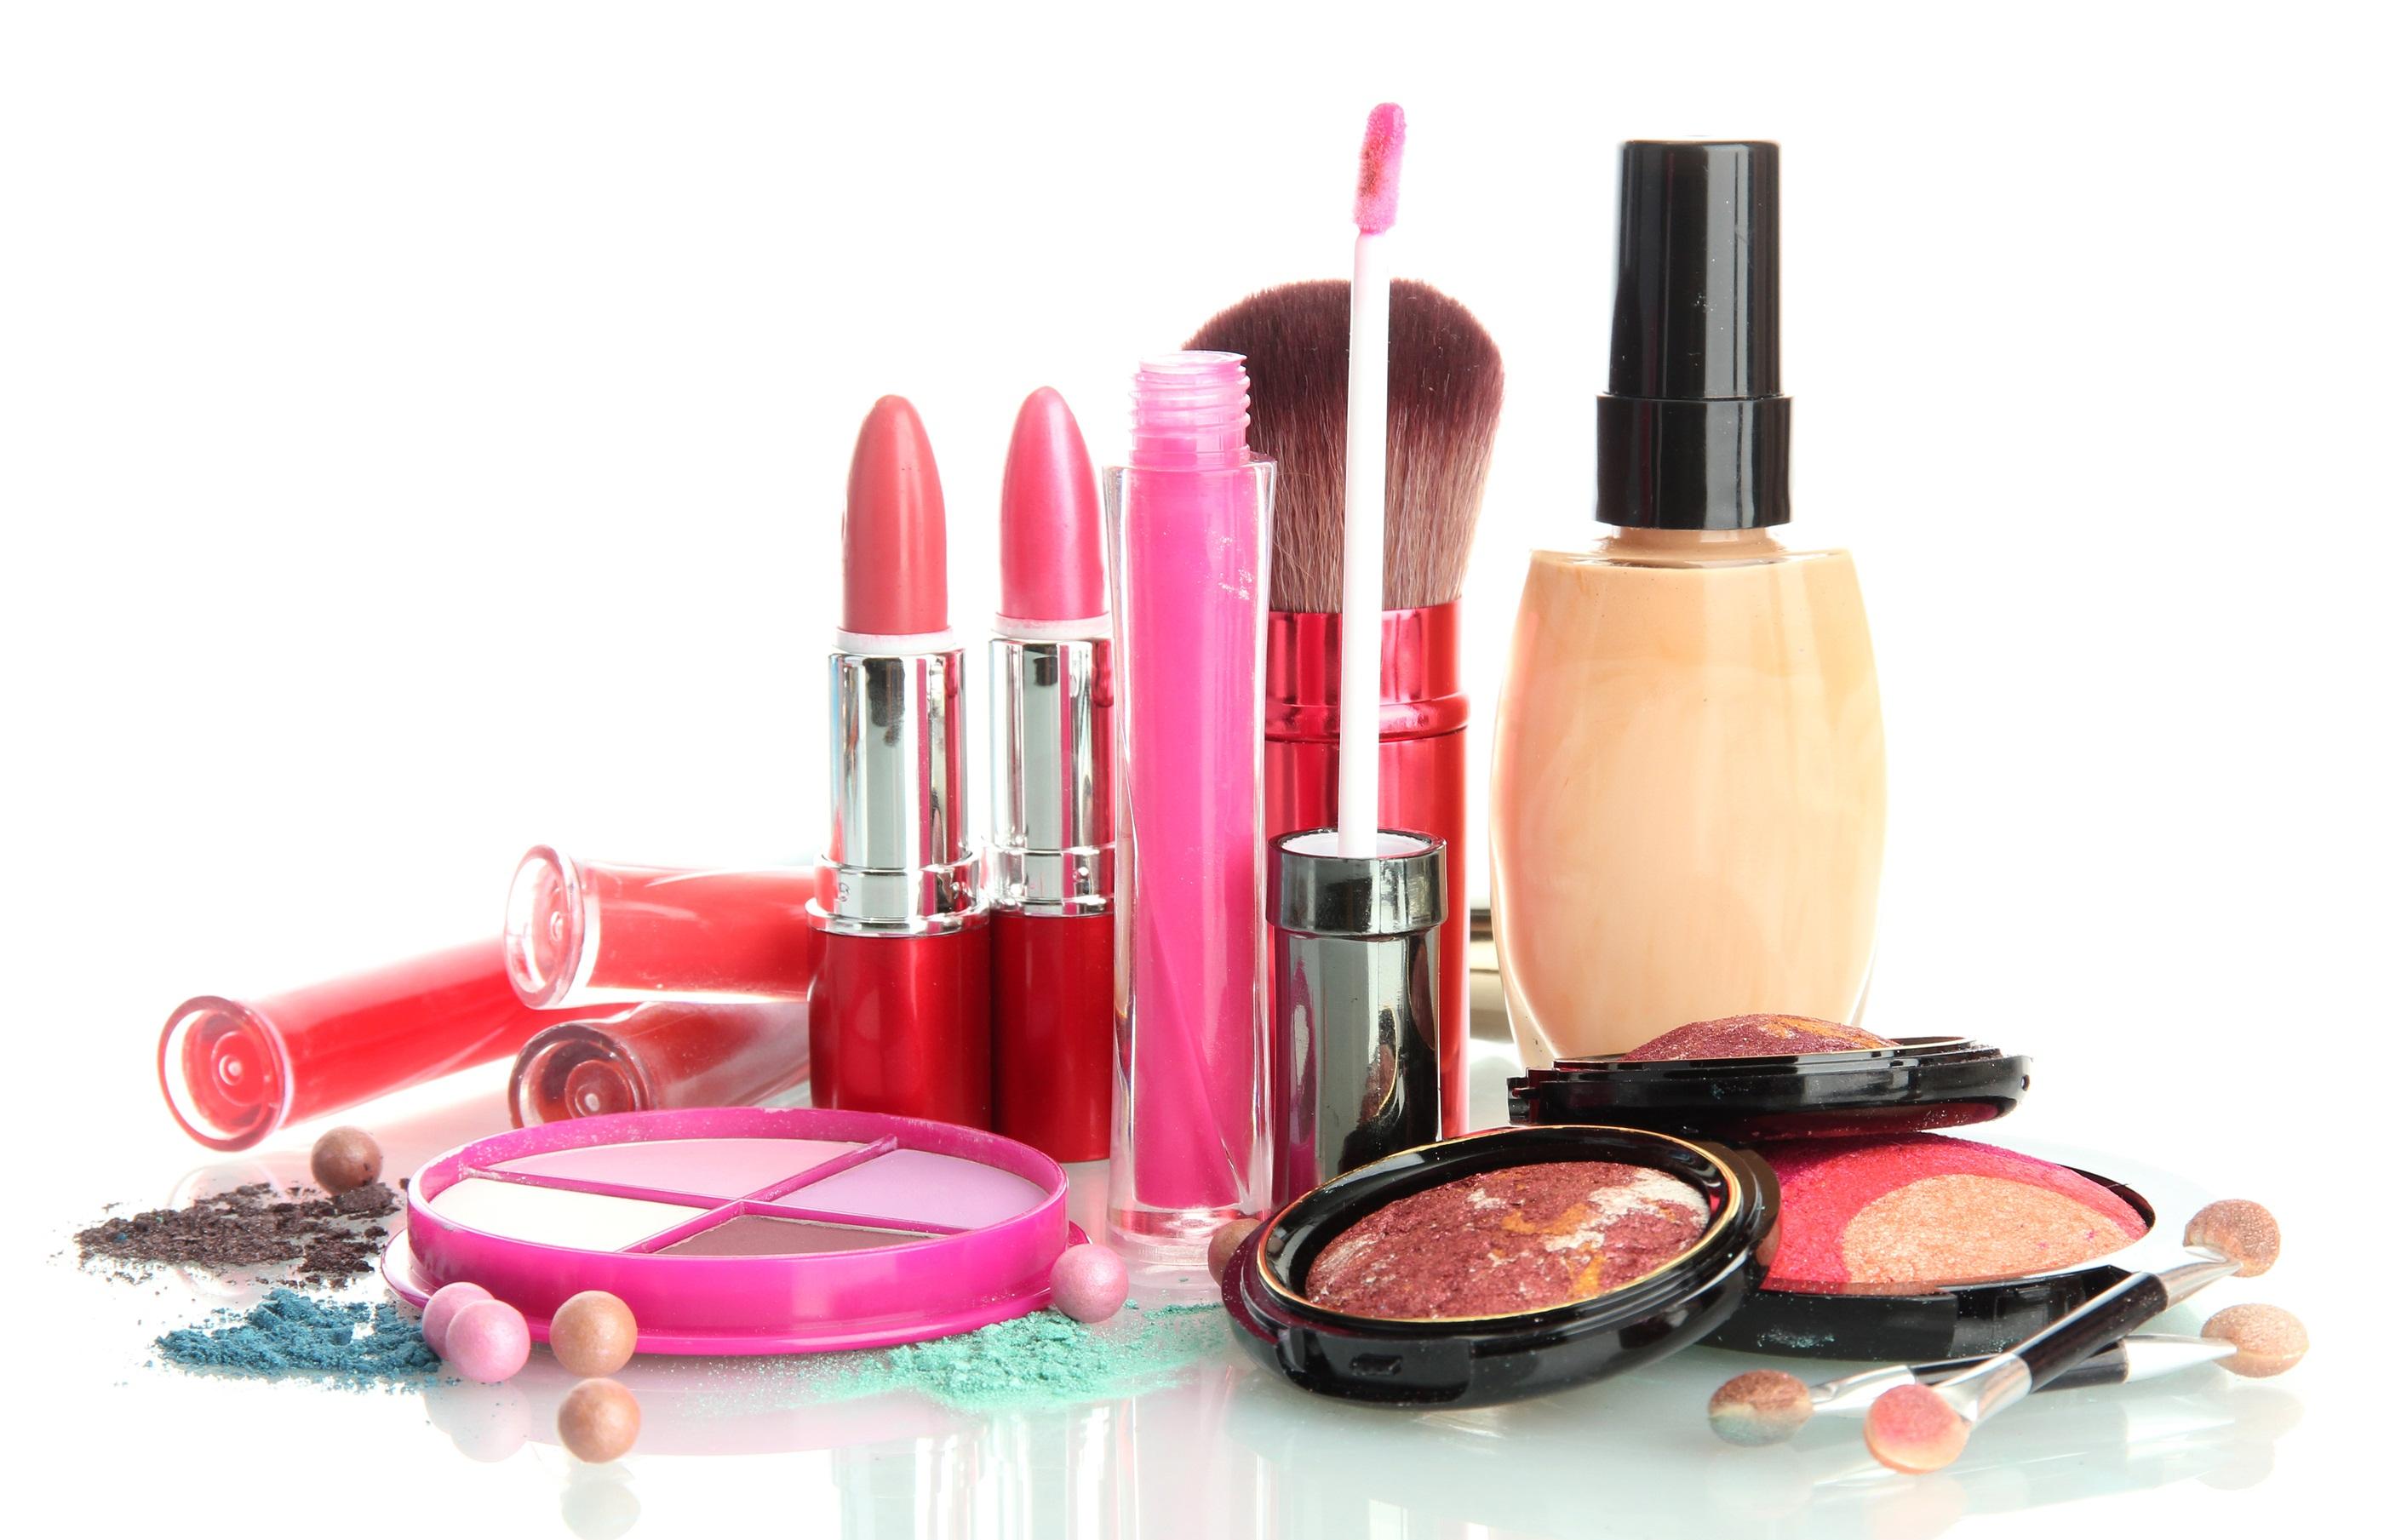 سودجویی شرکت های وارد کننده محصولات زیبایی پوست